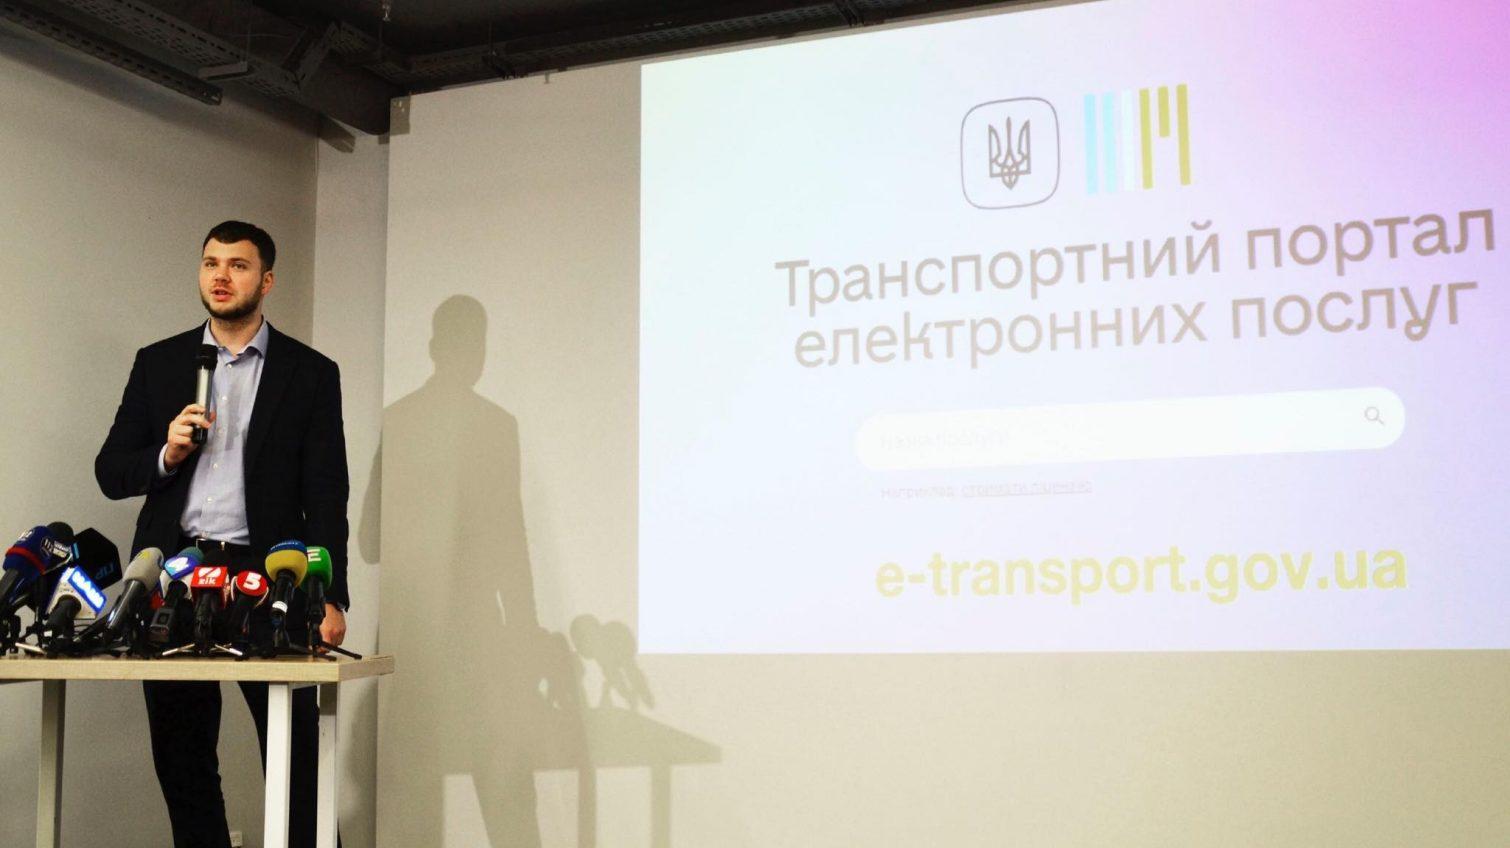 Е-transport: в Украине создали портал, который объединит все транспортные сферы и услуги «фото»